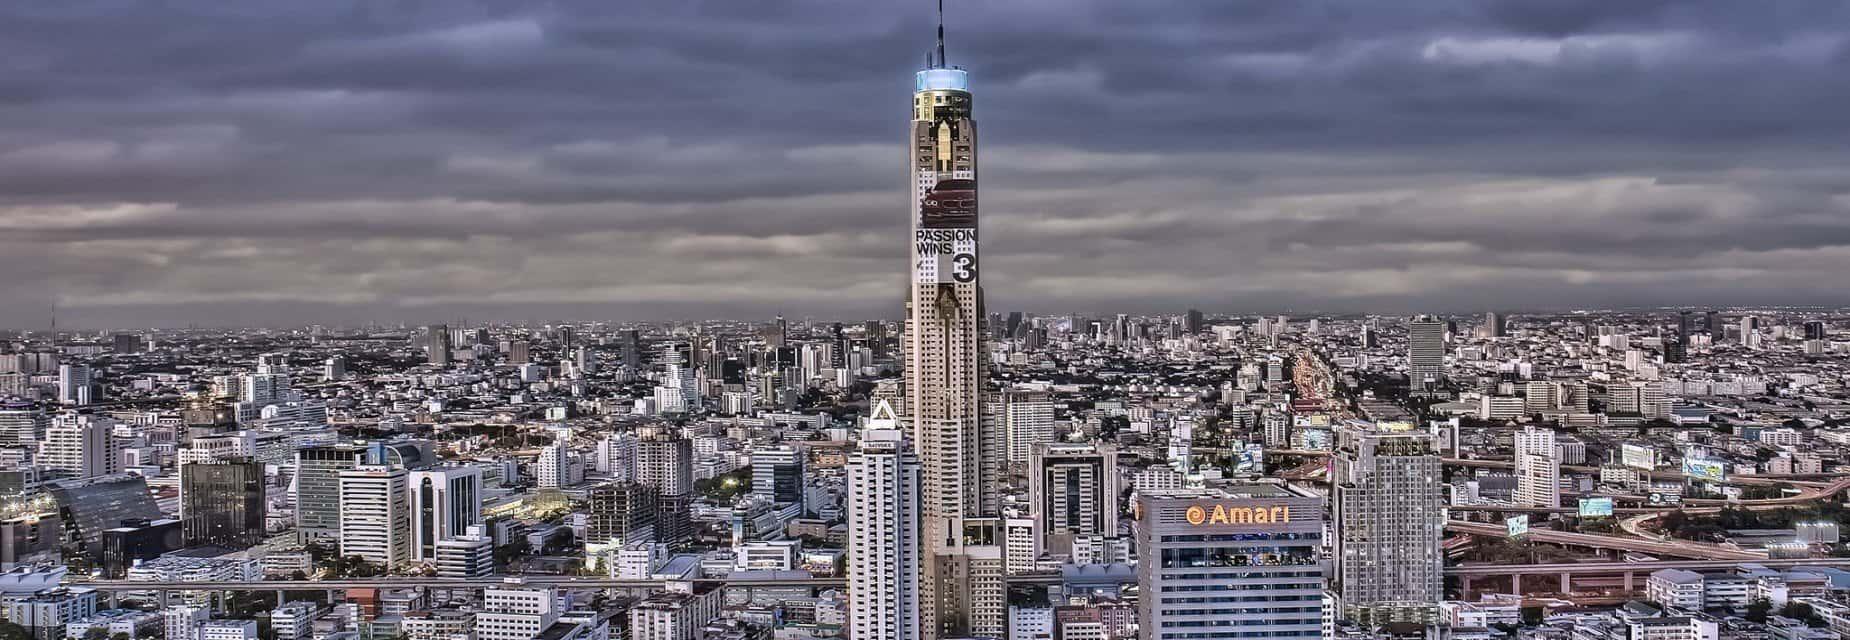 Вид на город и отель